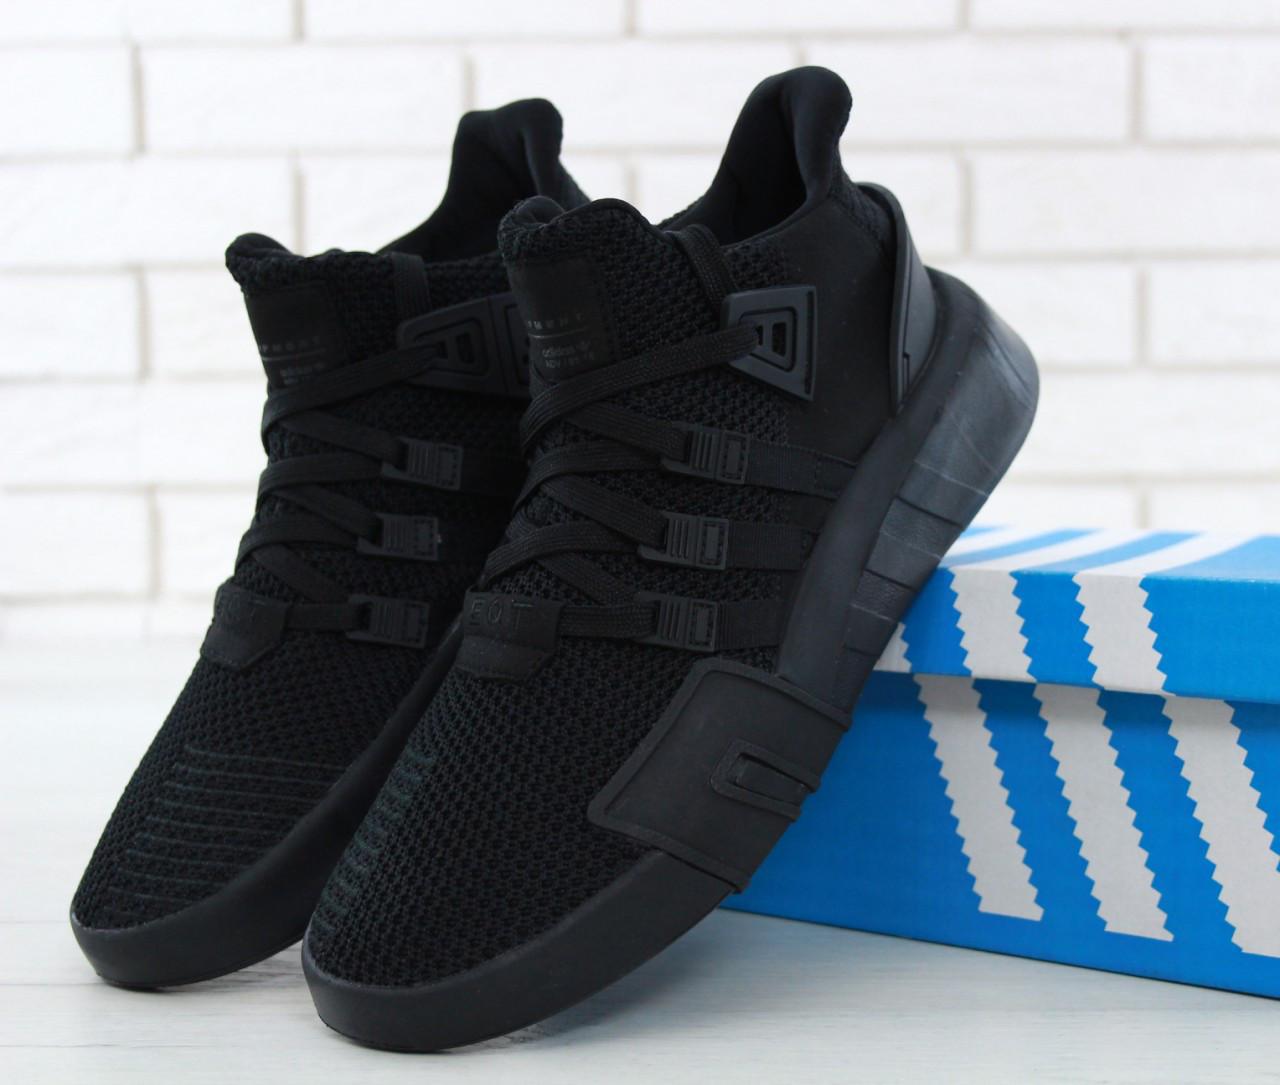 0f233600aad2 Кроссовки мужские Adidas EQT Bask ADV реплика ААА+, размер 42-43 черный  (живые фото)